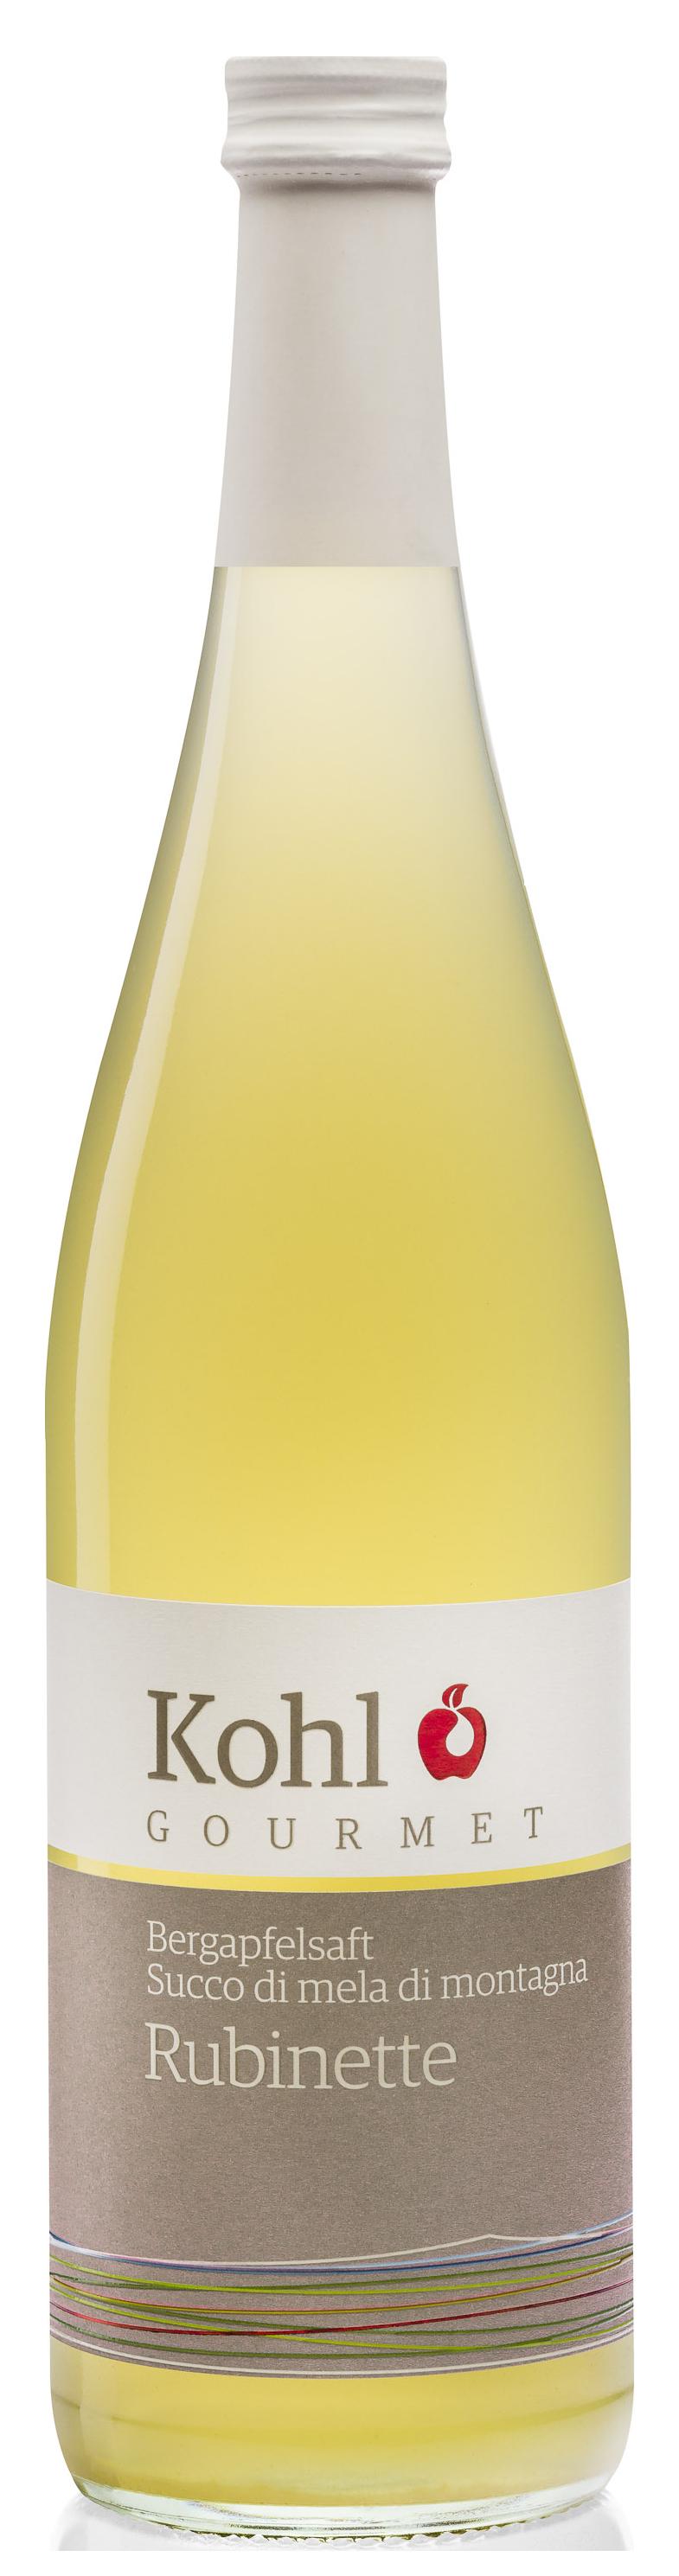 Bergapfelsaft Rubinette  - 750ml